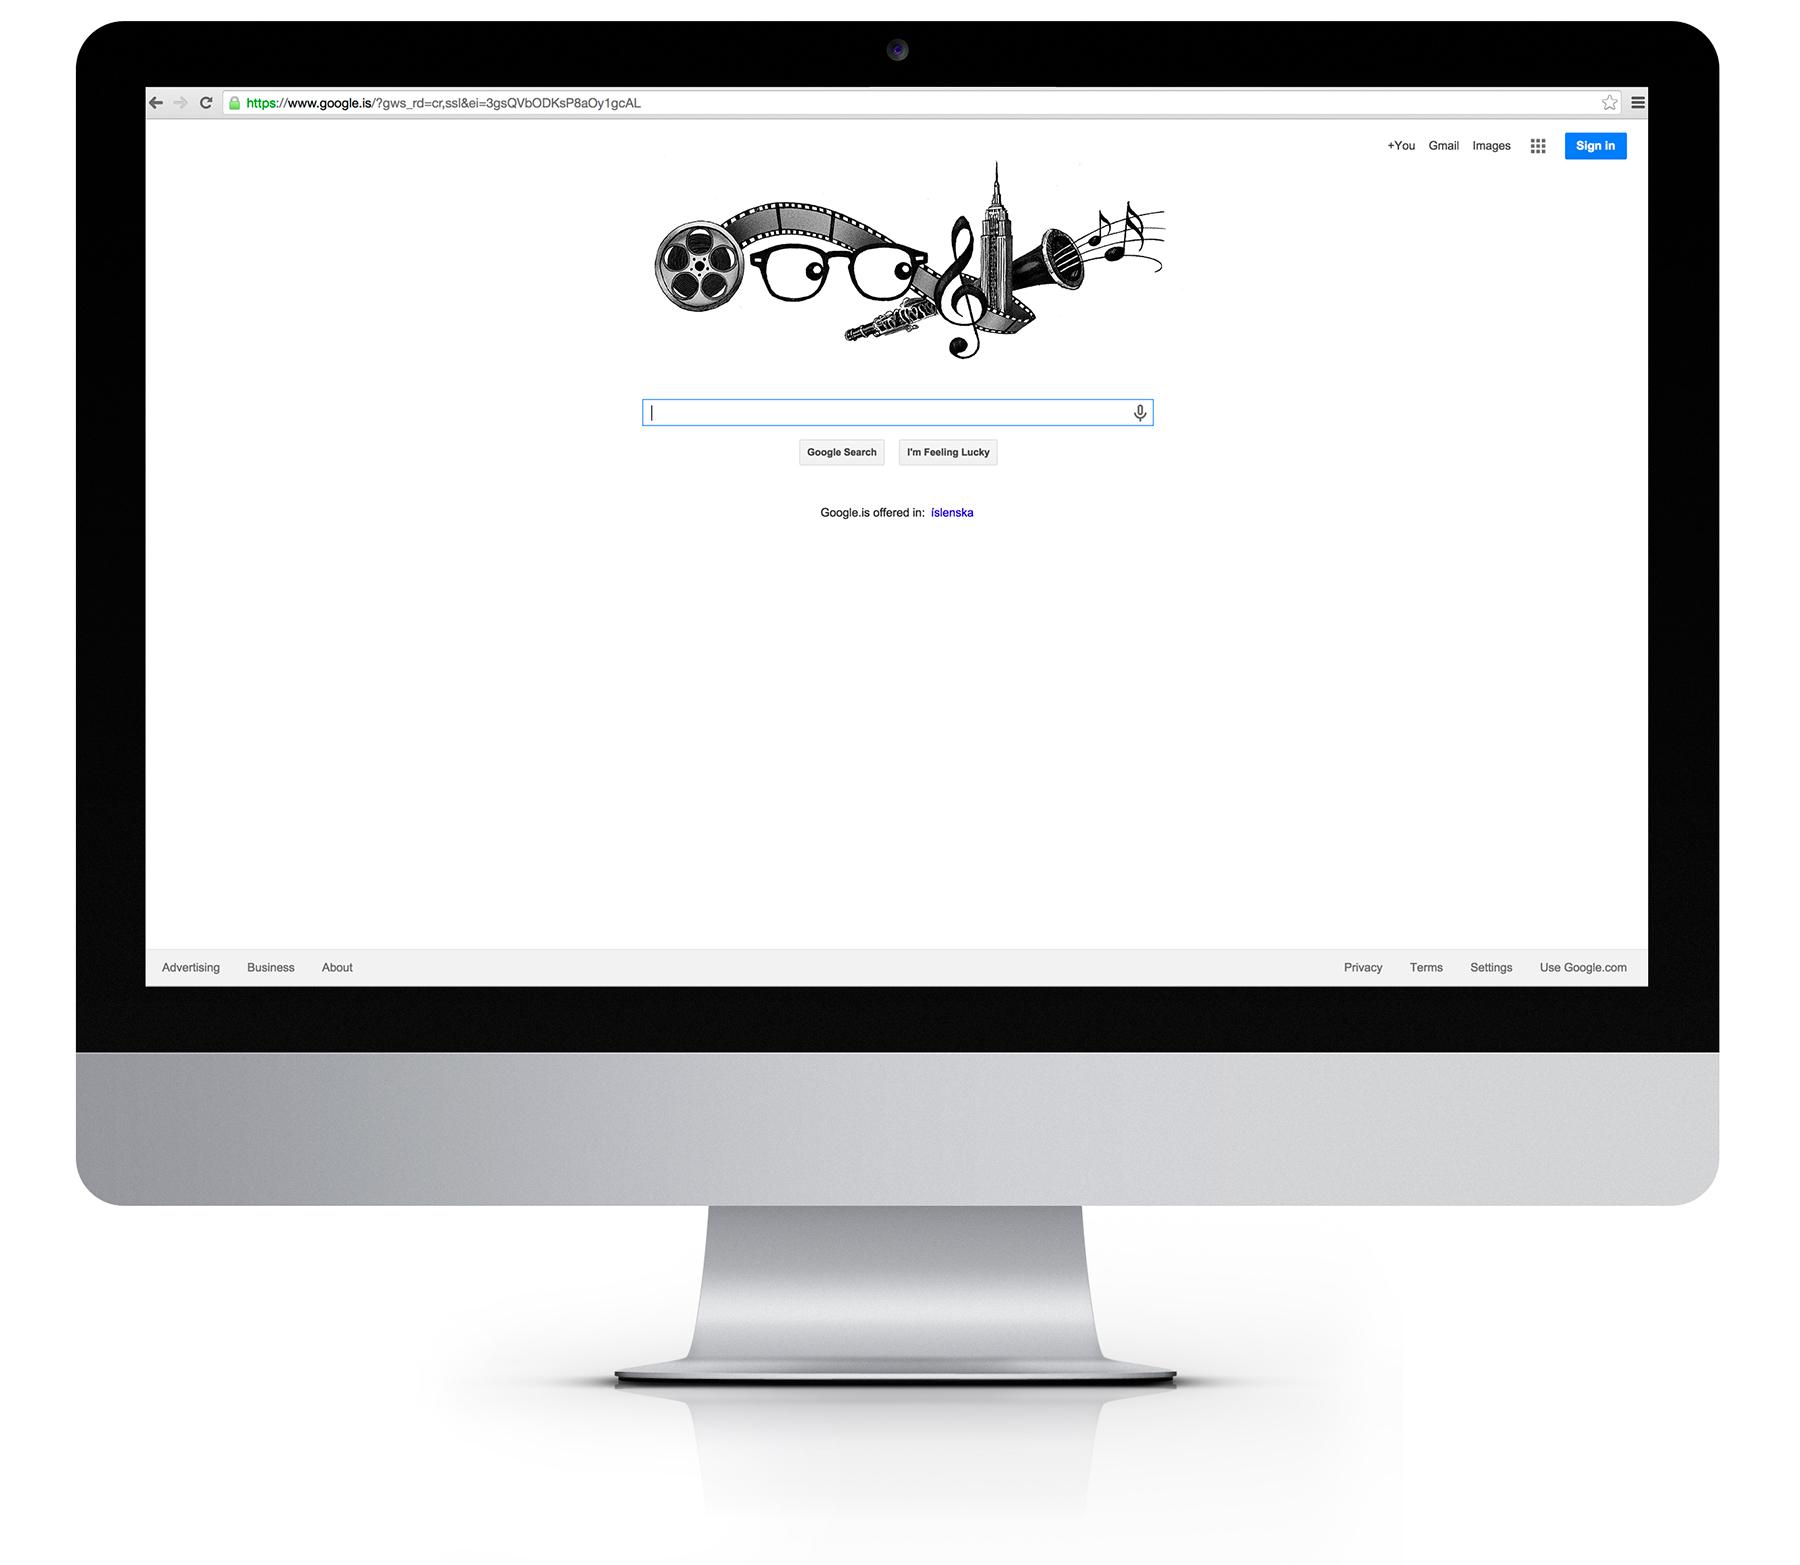 Woody-allen-google